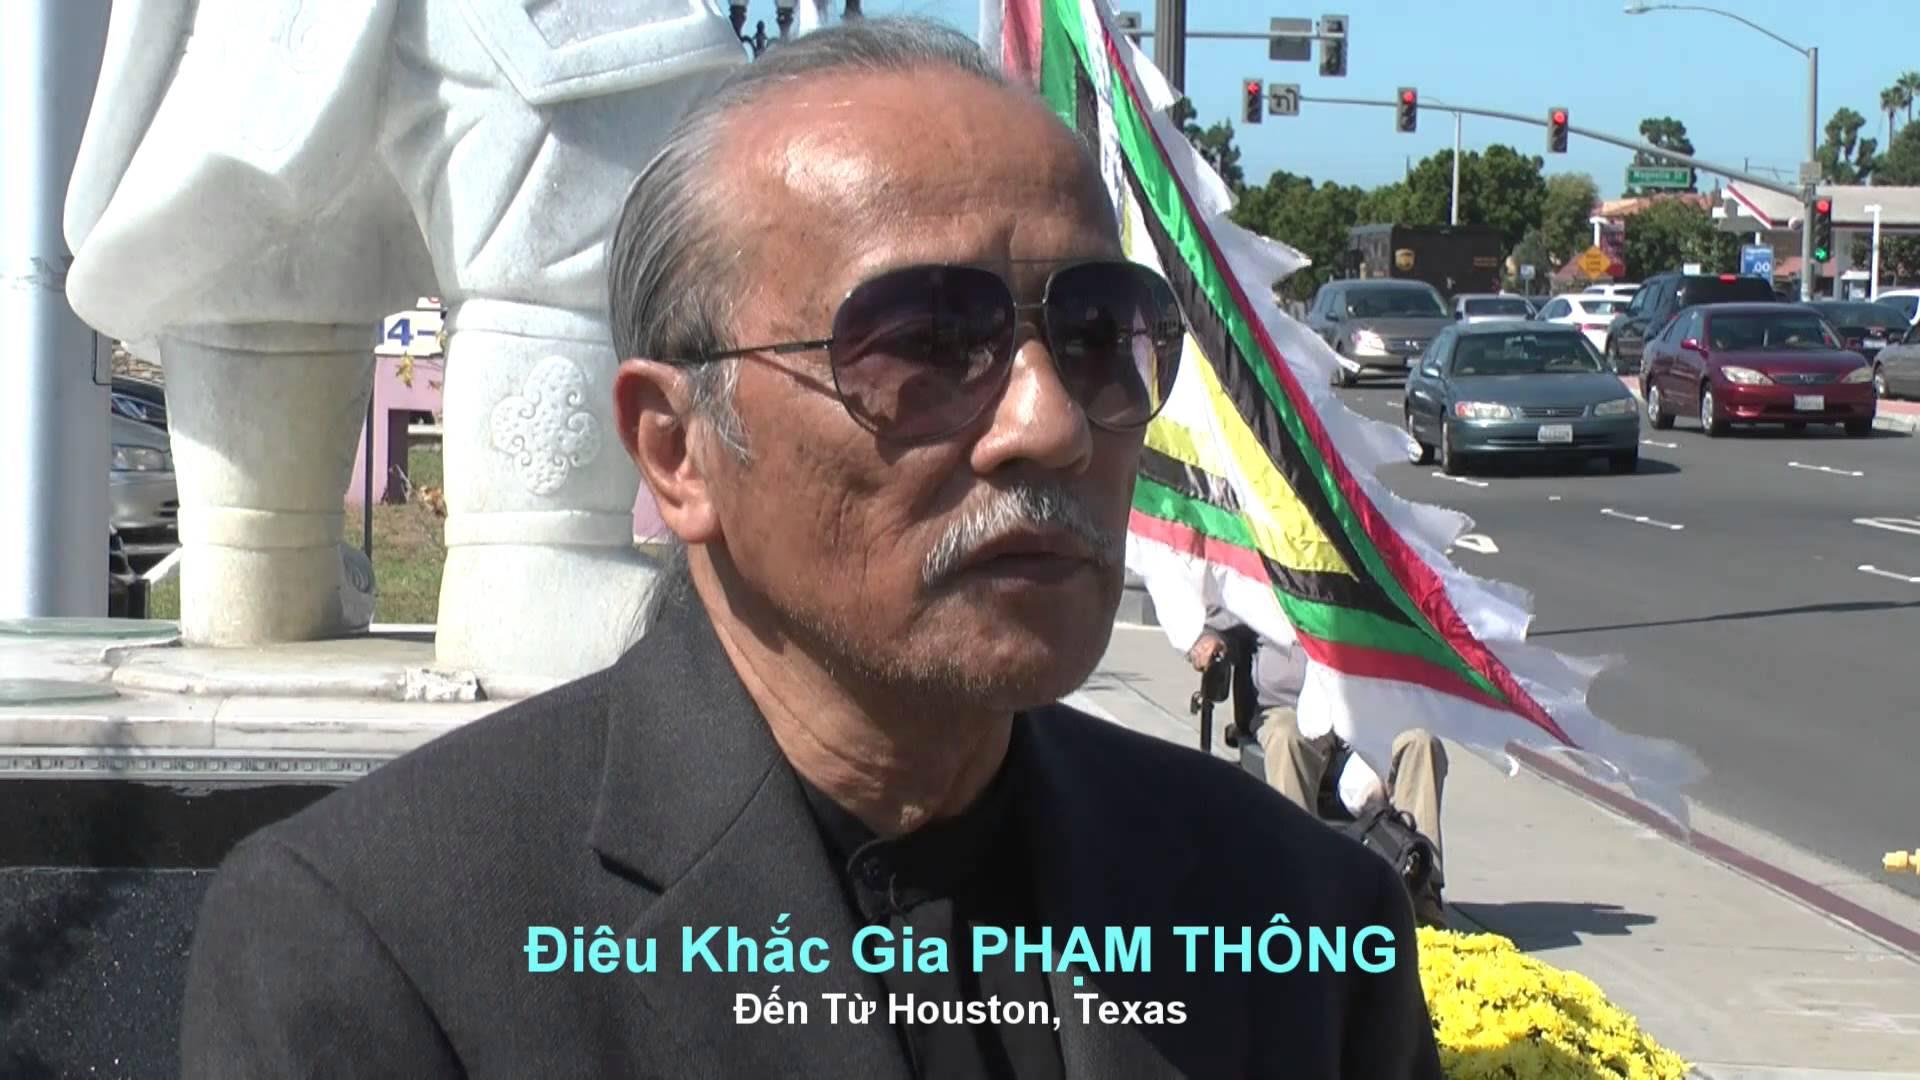 Điêu khắc gia Phạm Thông từ trần ở Houston, thọ 73 tuổi